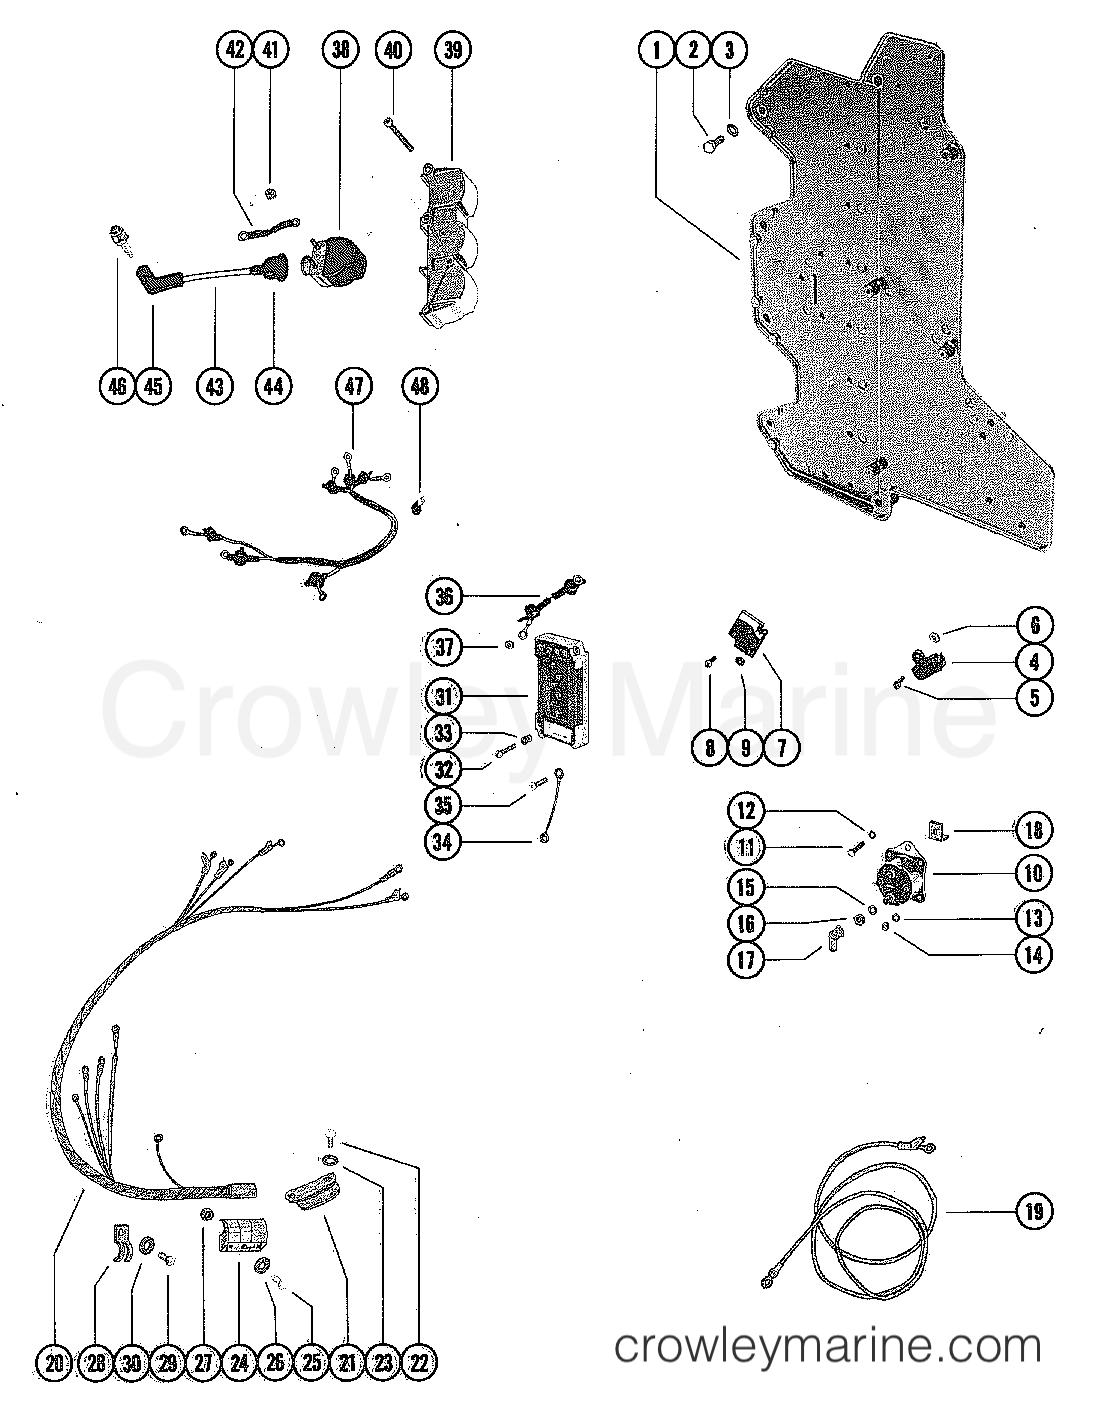 shure mic wiring diagram 110 m shure sm58 diagram wiring